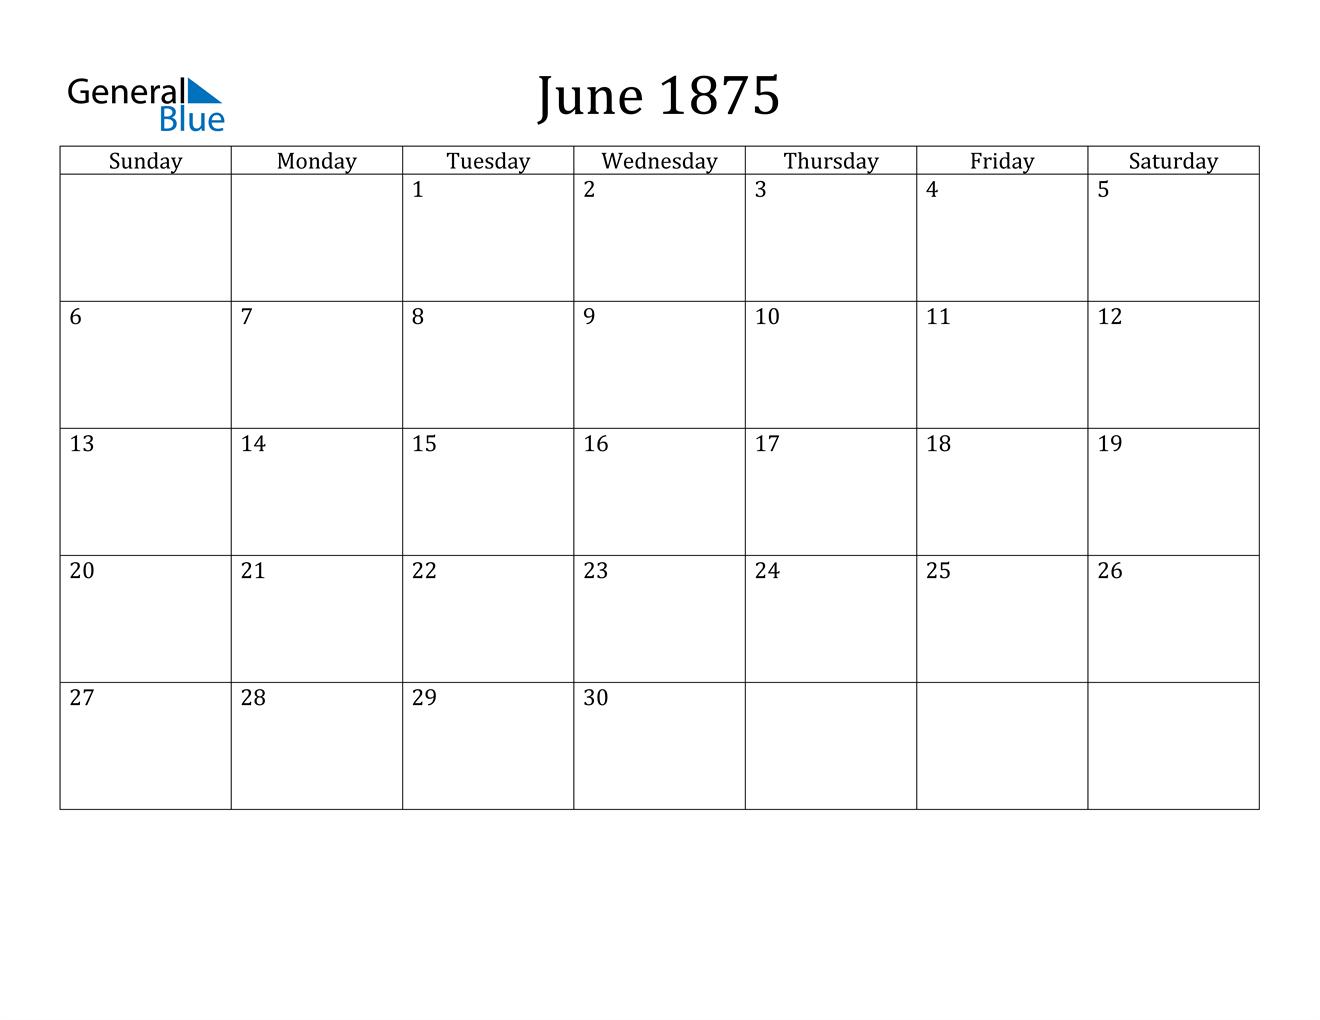 Image of June 1875 Calendar